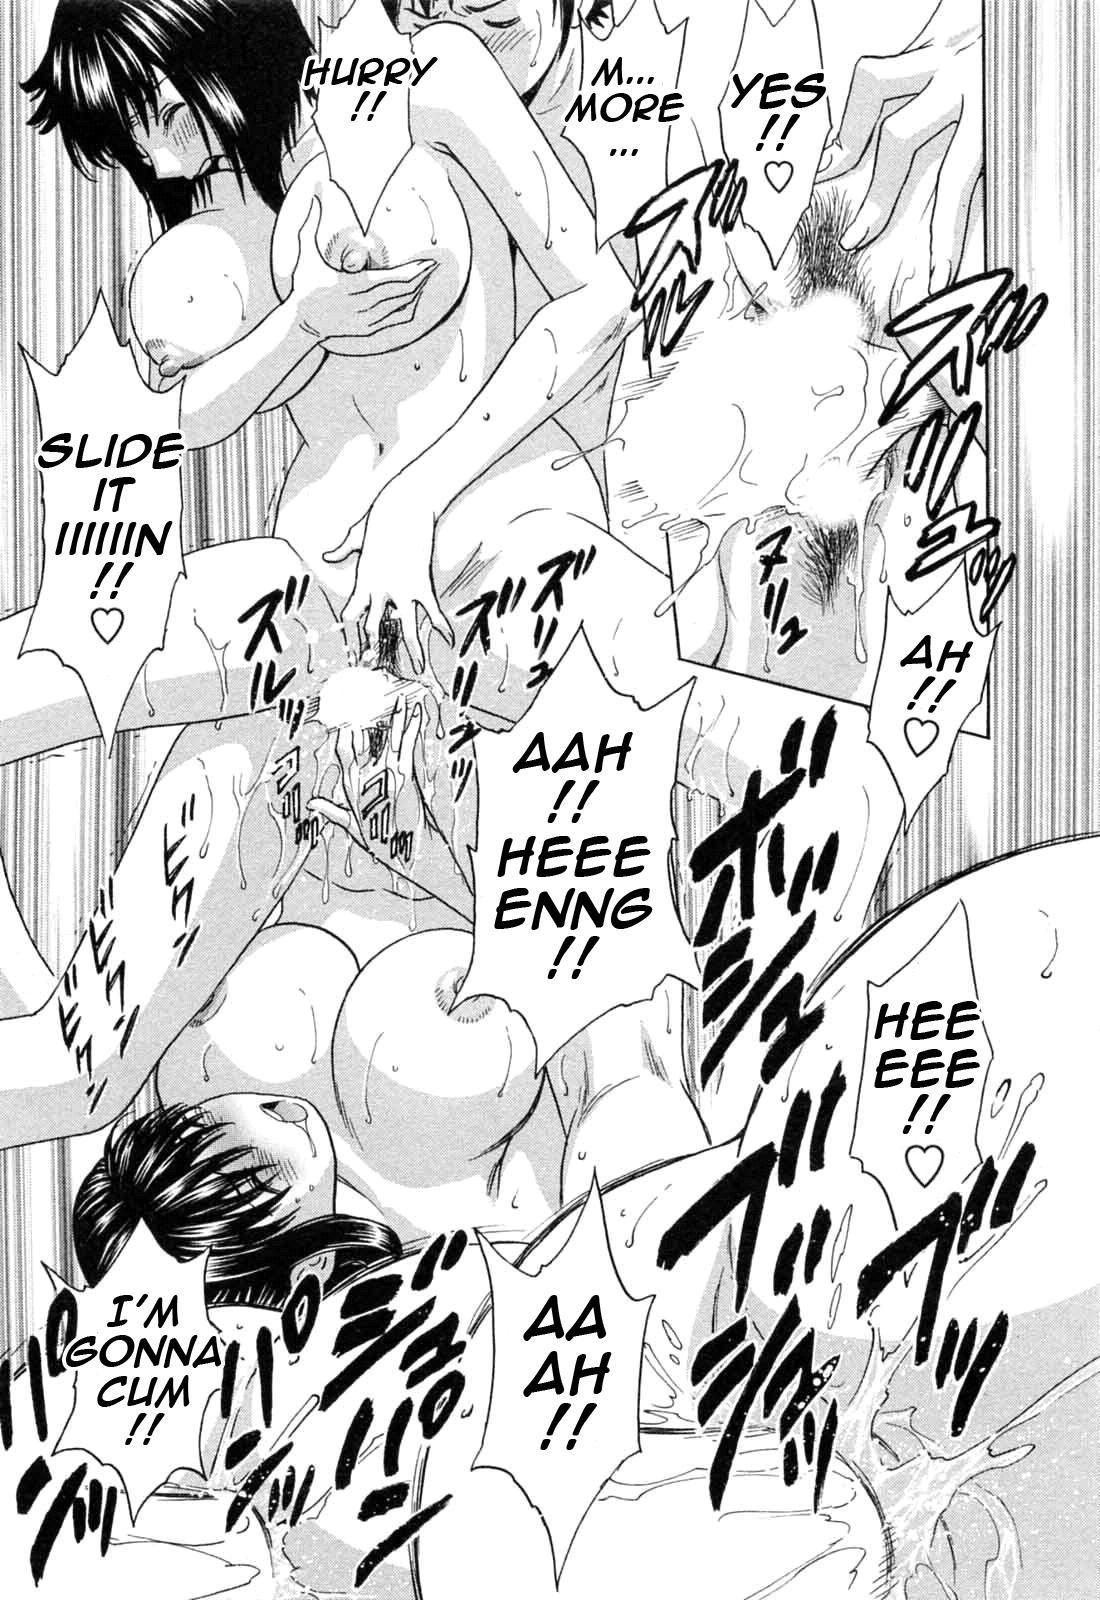 [Hidemaru] Mo-Retsu! Boin Sensei (Boing Boing Teacher) Vol.5 [English] [4dawgz] [Tadanohito] 147